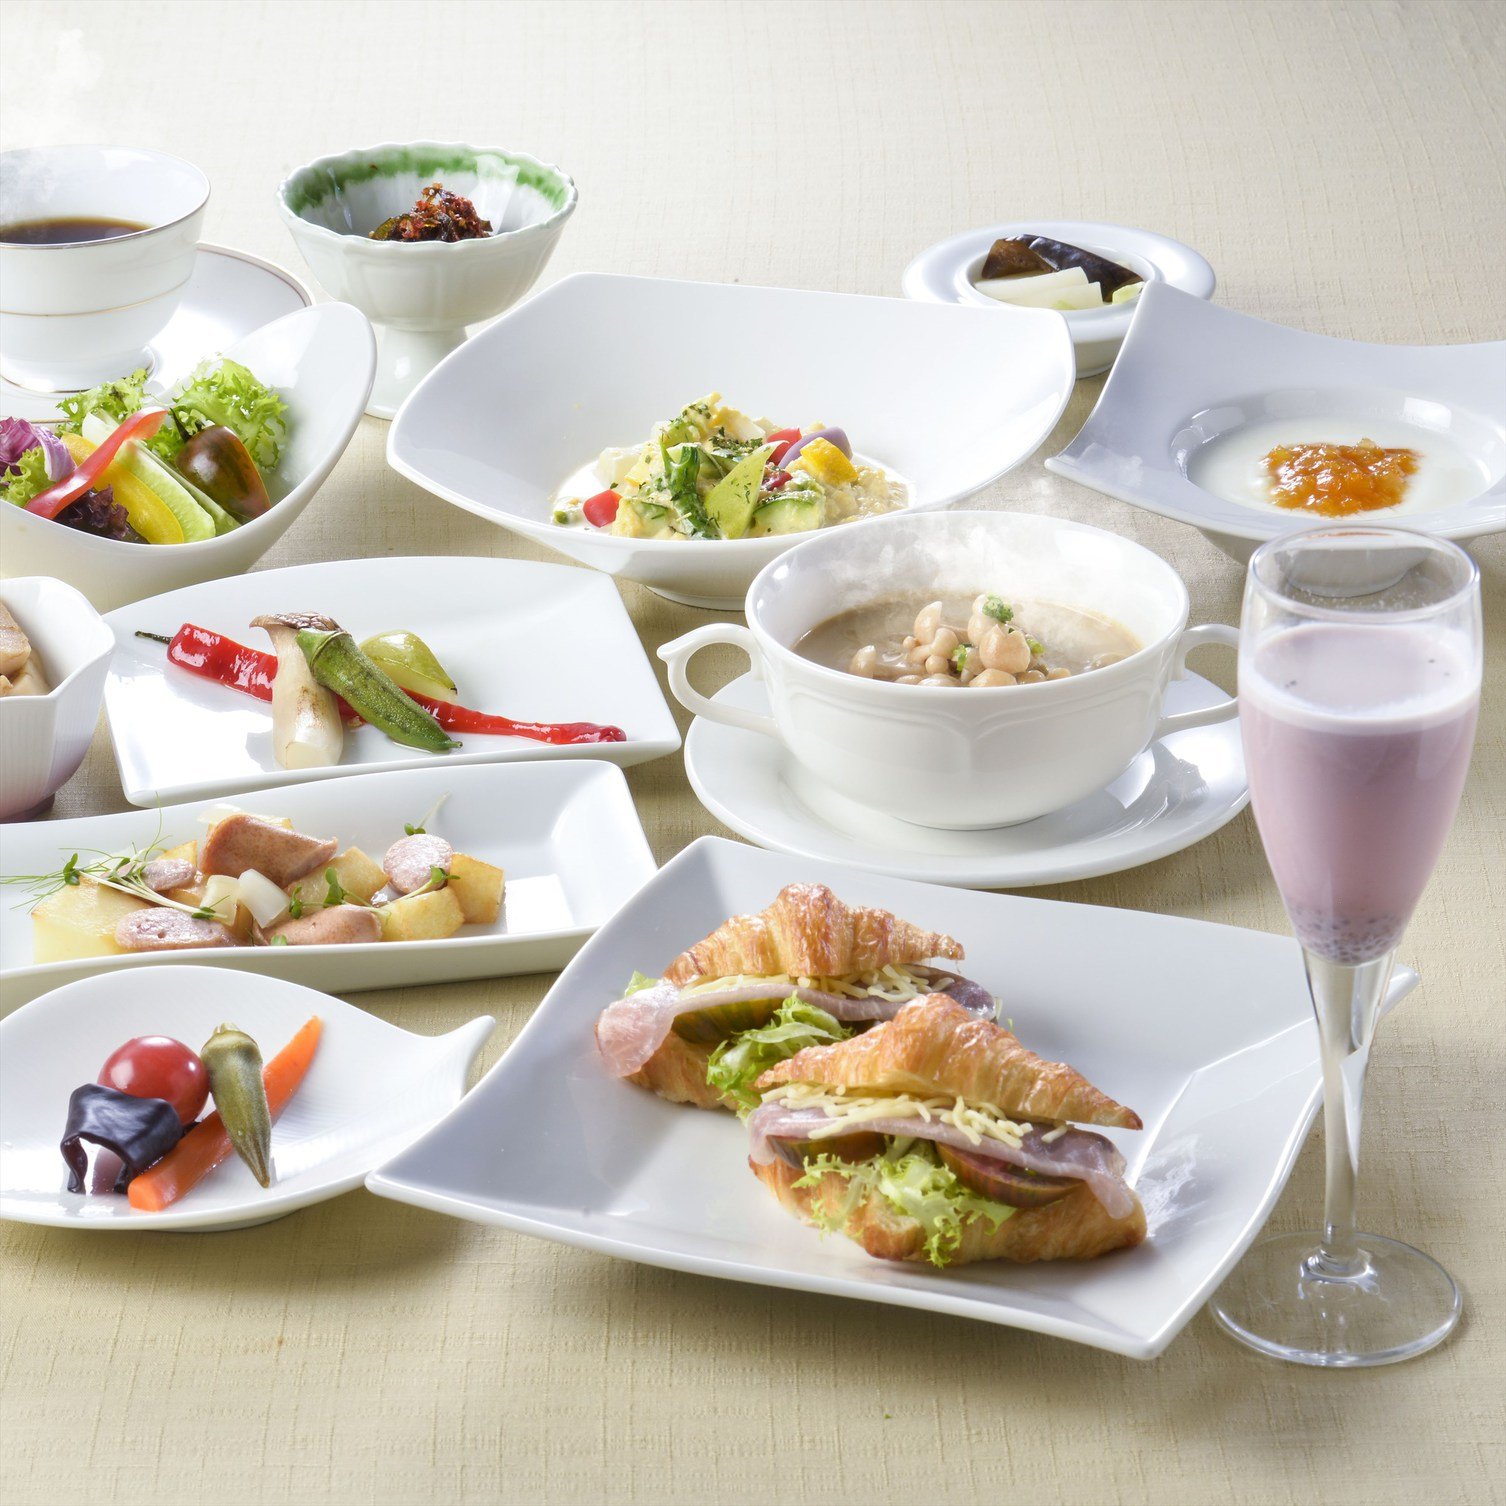 【朝食付】1日の始まりは朝食から!和食・洋食から選べる朝食付プラン